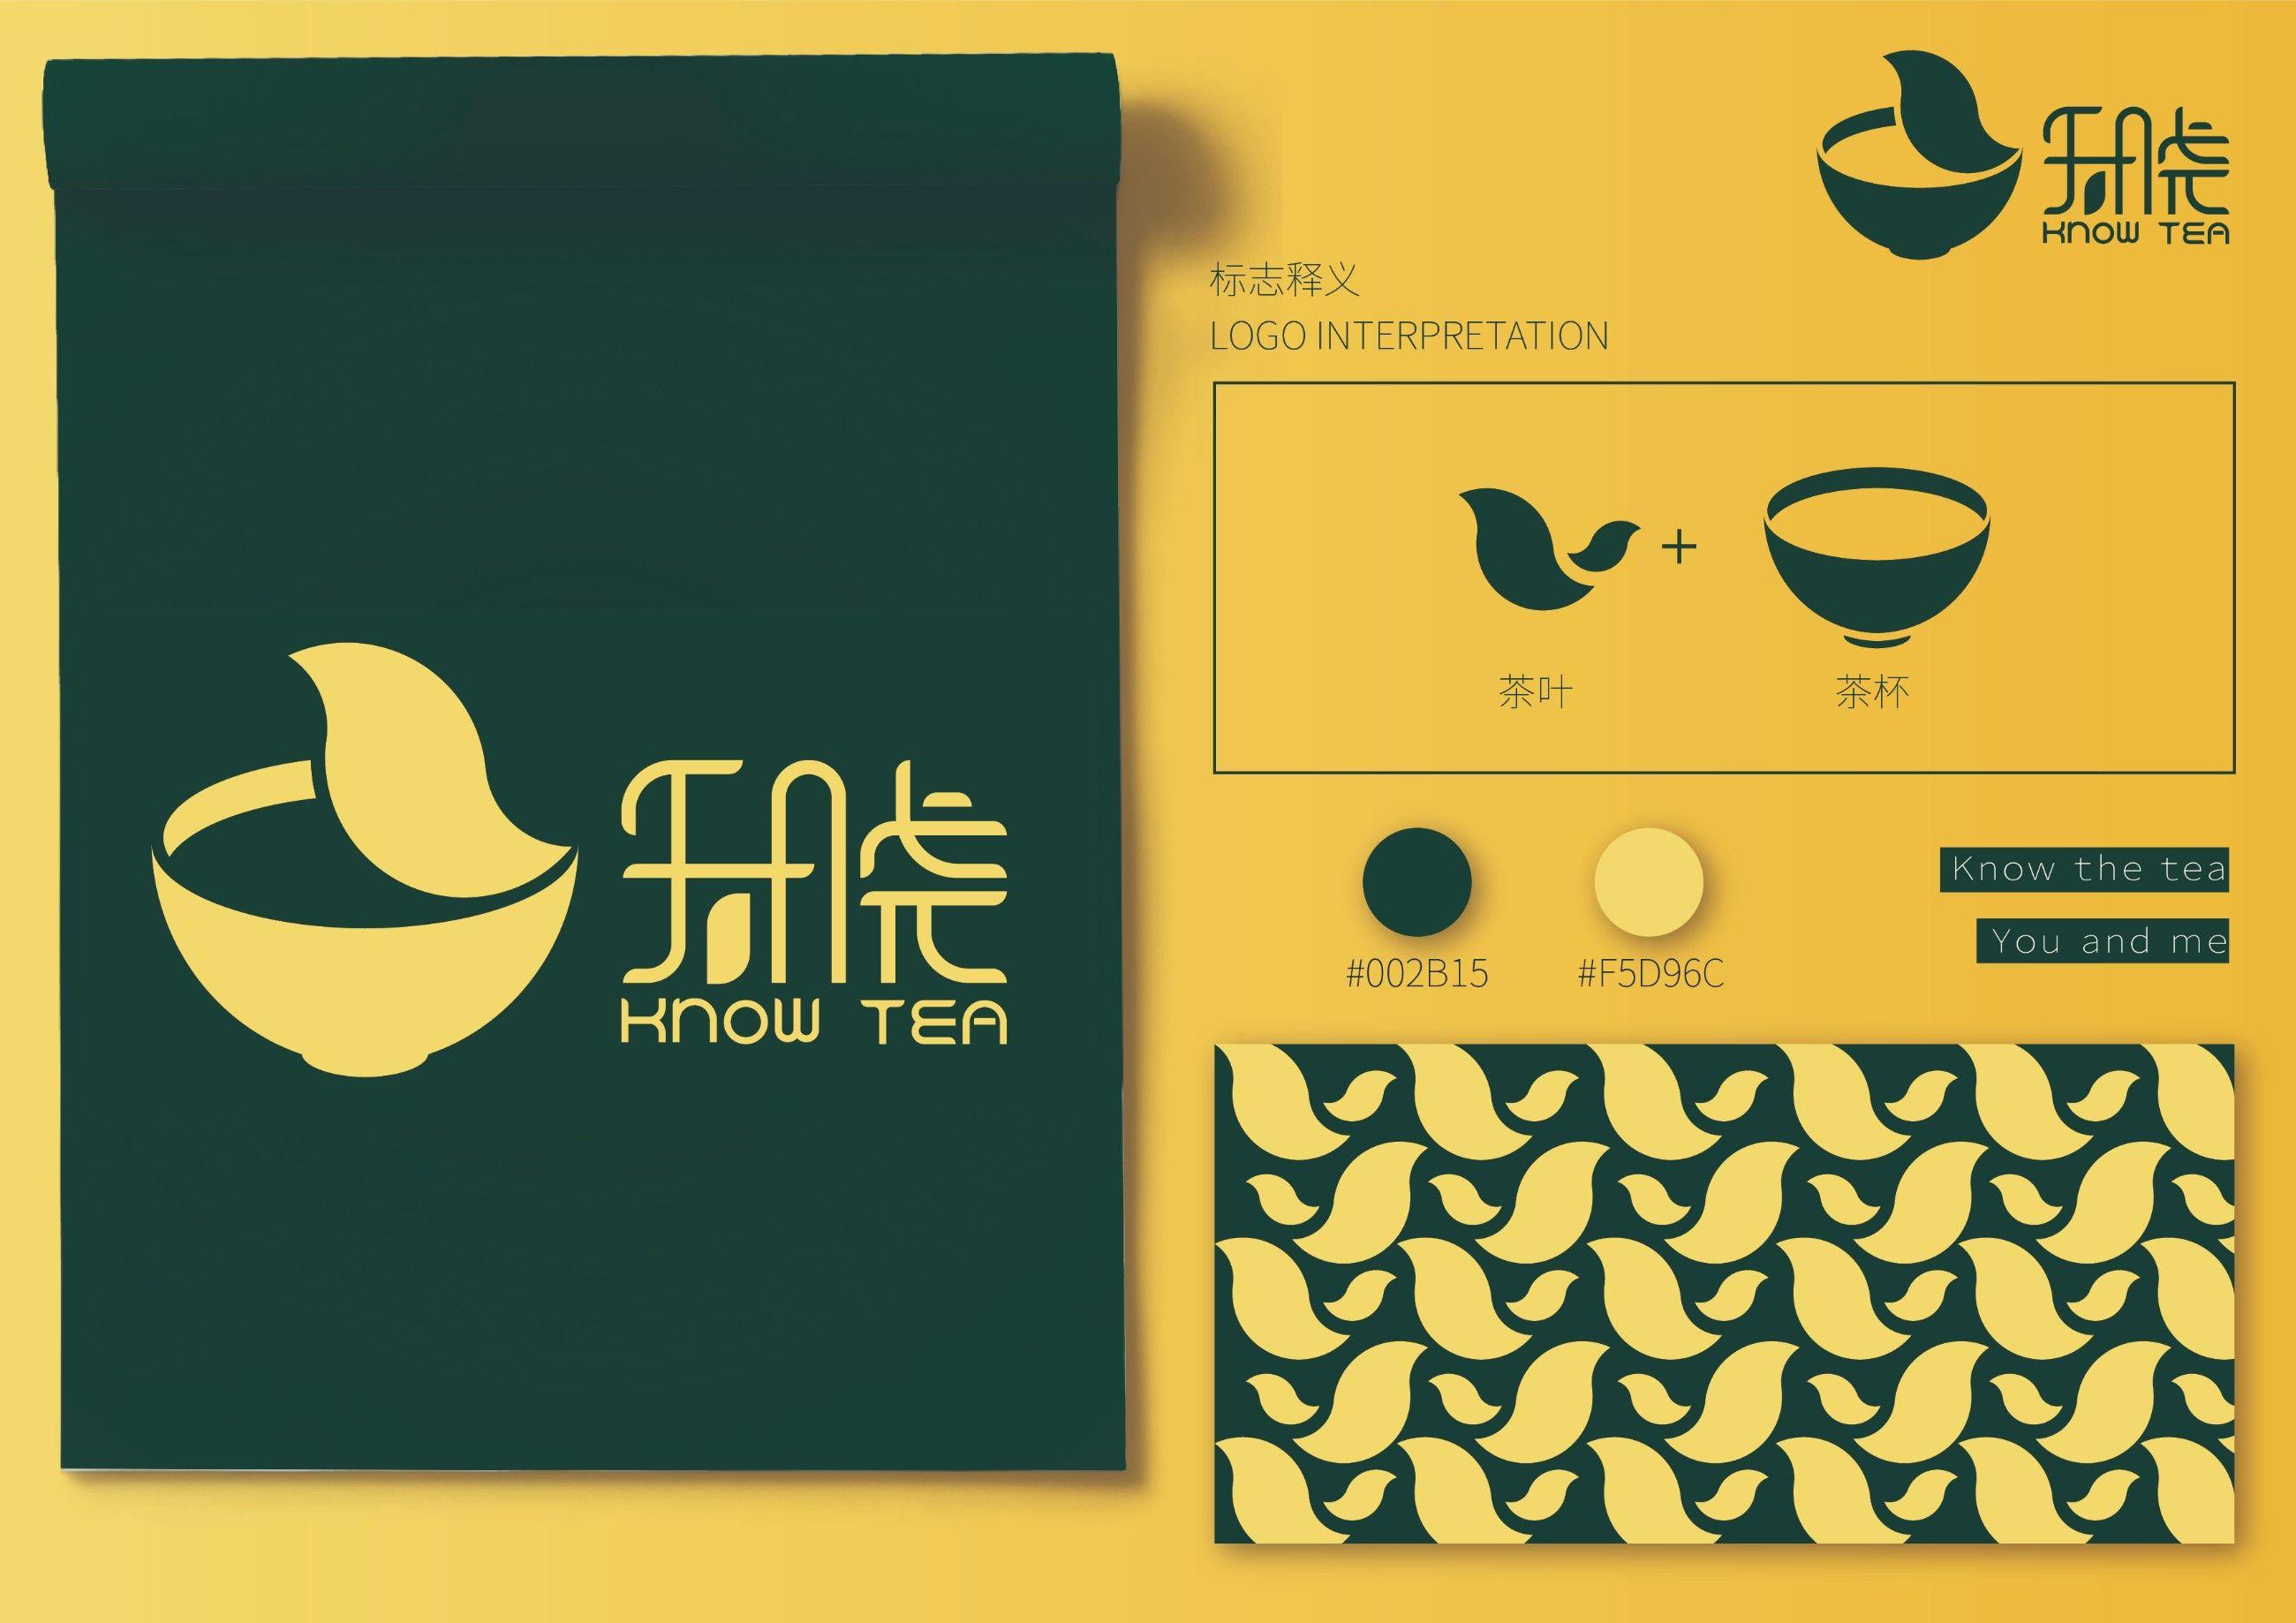 知晓茶饮logo设计 飞特网 标志设计